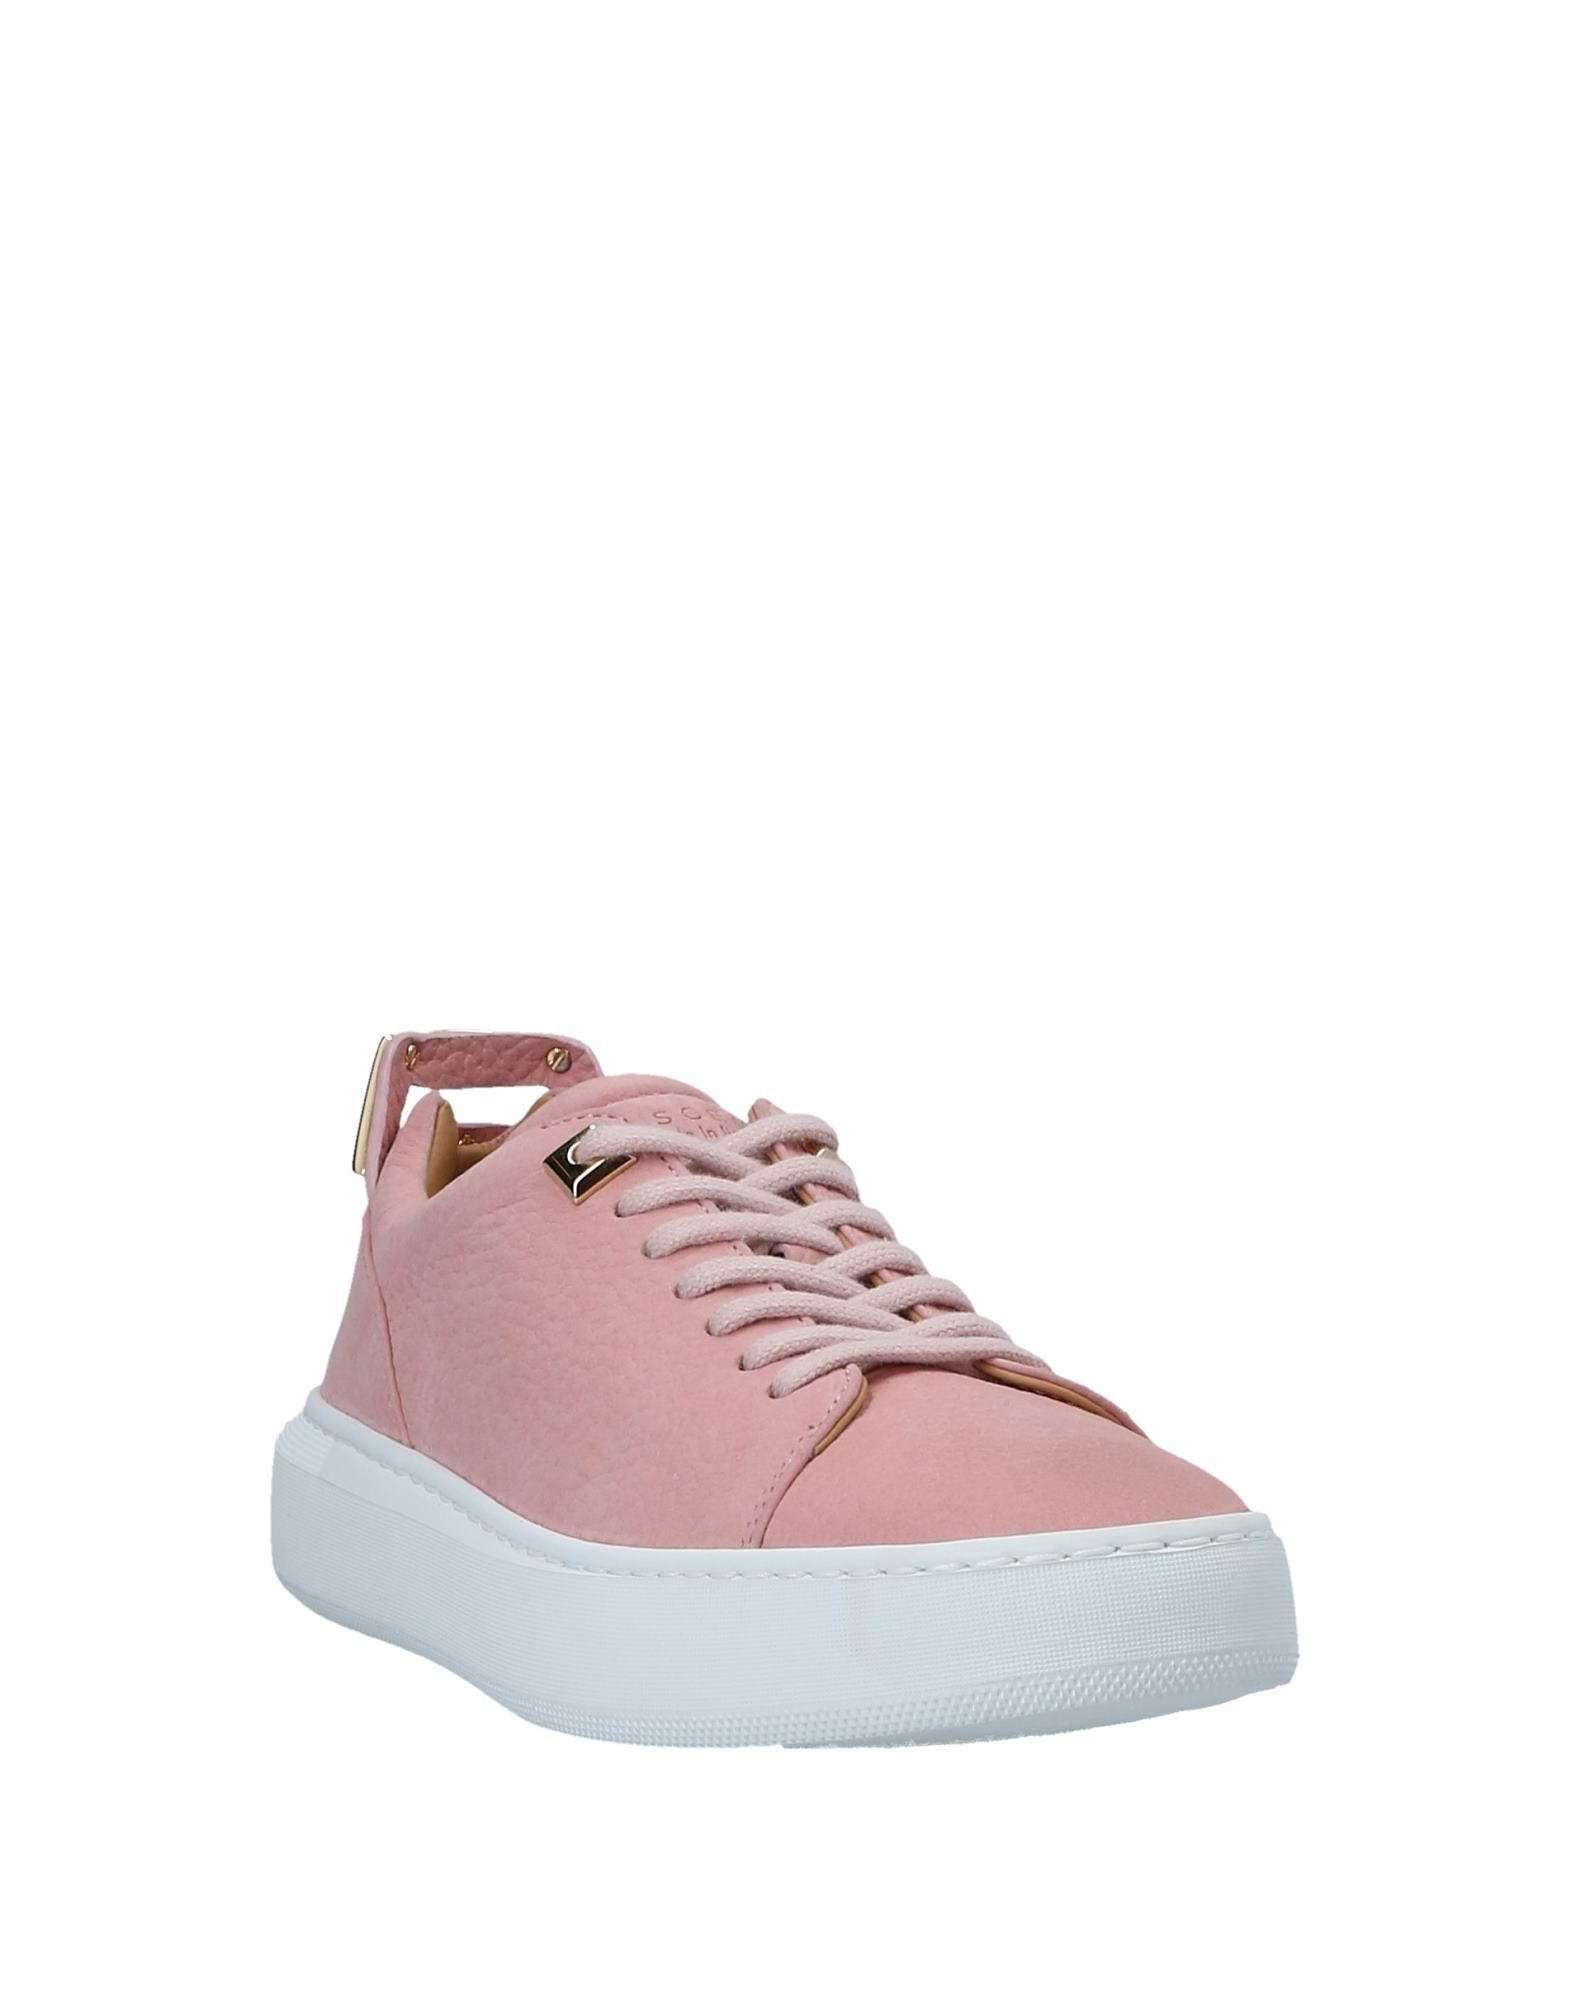 Rabatt Buscemi Schuhe Buscemi Rabatt Sneakers Damen  11558098LK c5ce86